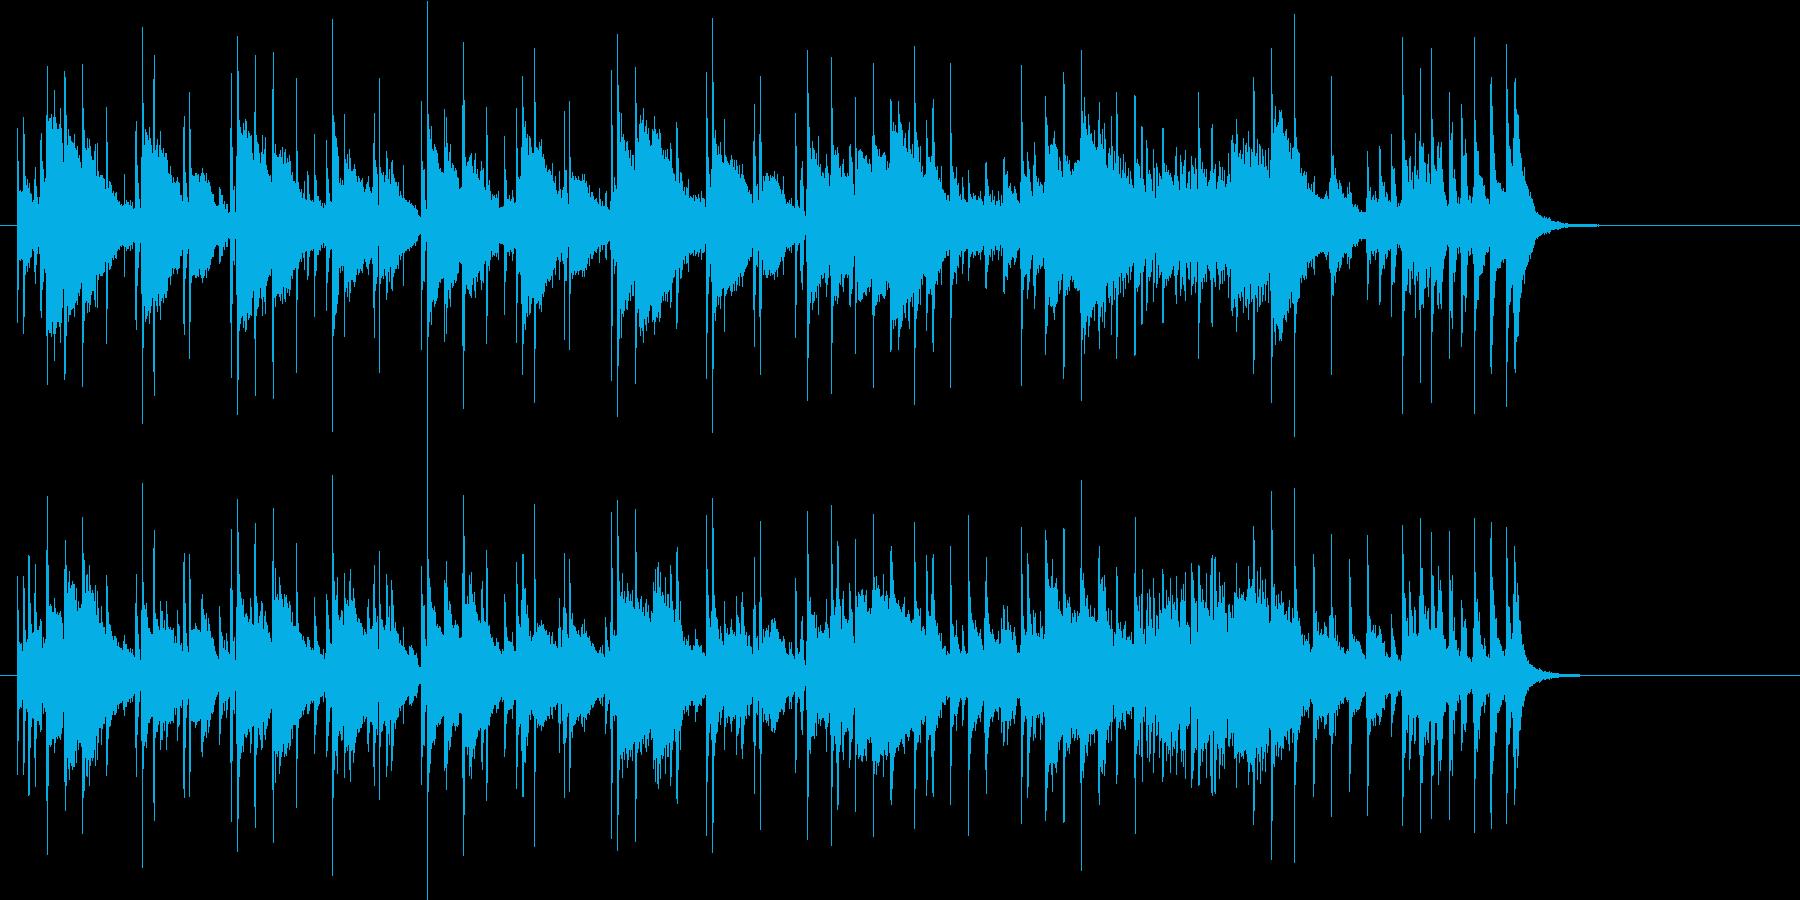 オープニング向きのサウンドの再生済みの波形